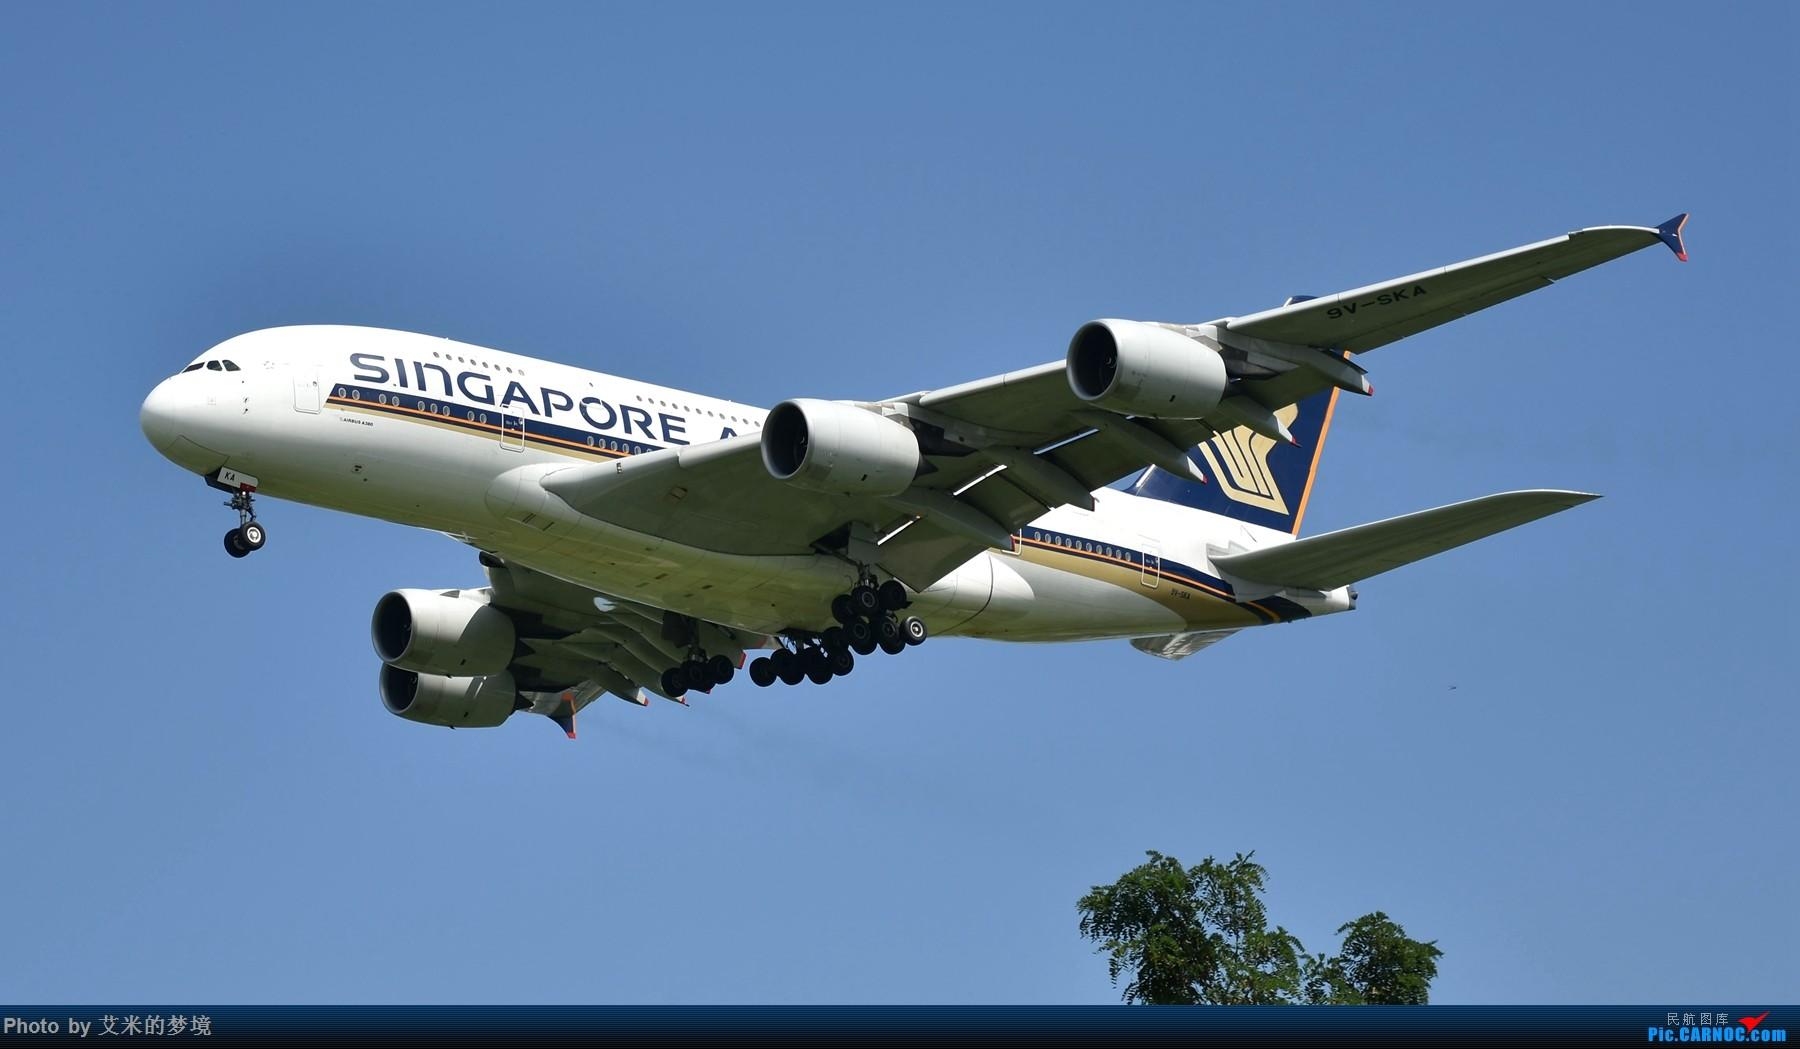 [原创]【carnoc重庆飞友会】北京送行,所见飞行【含少量夜景】 AIRBUS A380-800 9V-SAK 中国北京首都国际机场